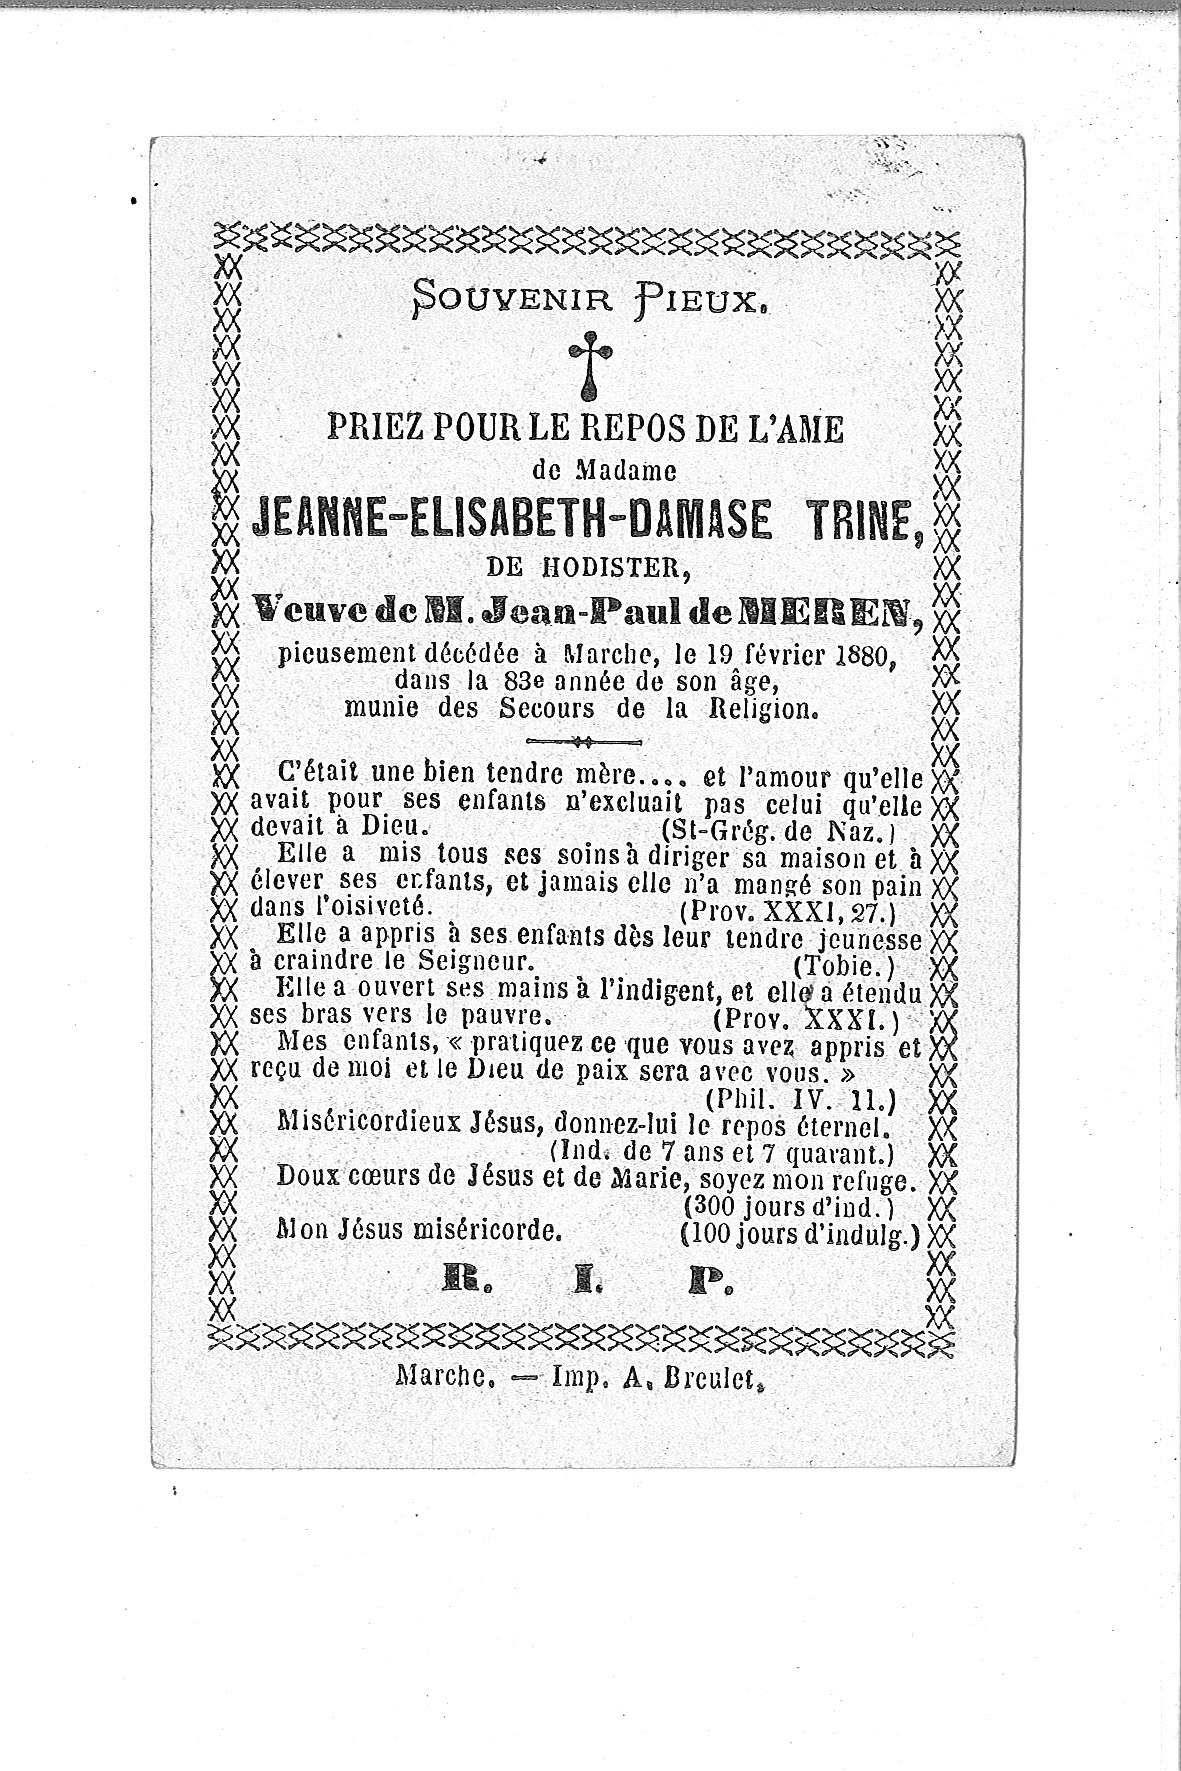 Jeanne-Elisabeth-Damase(1880)20120621134457_00122.jpg